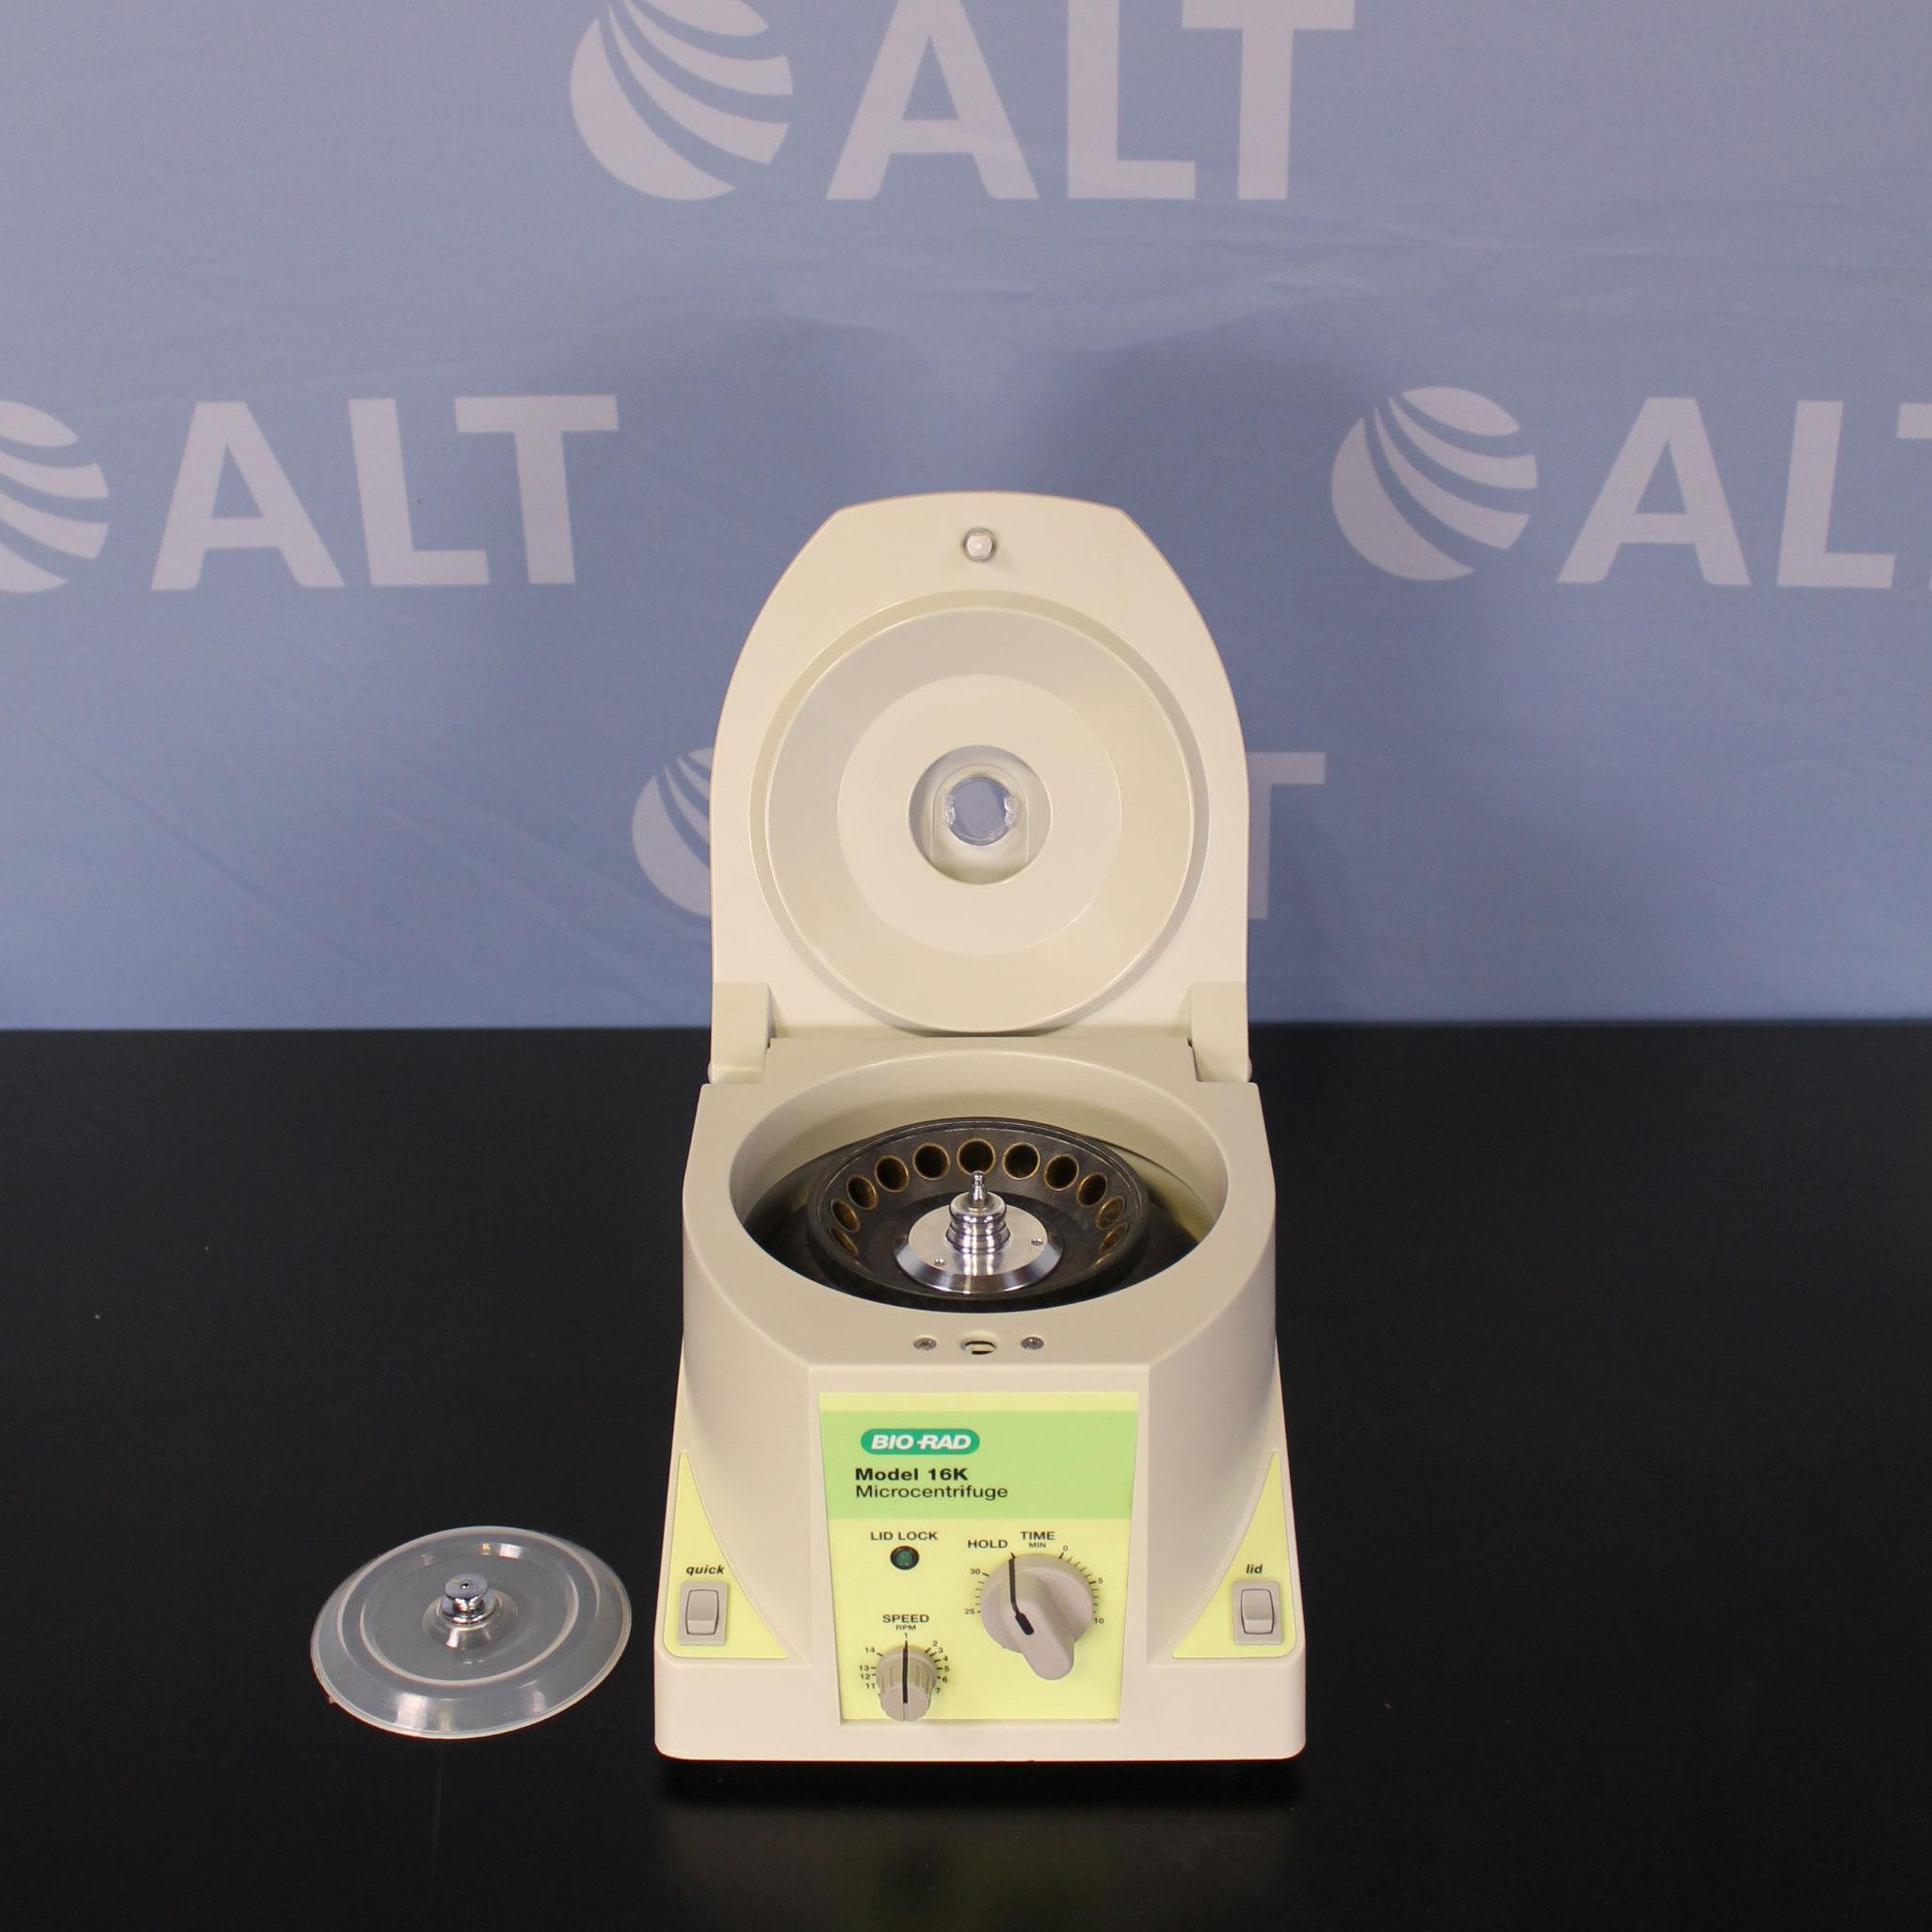 Bio-Rad Model 16K Microcentrifuge  Image